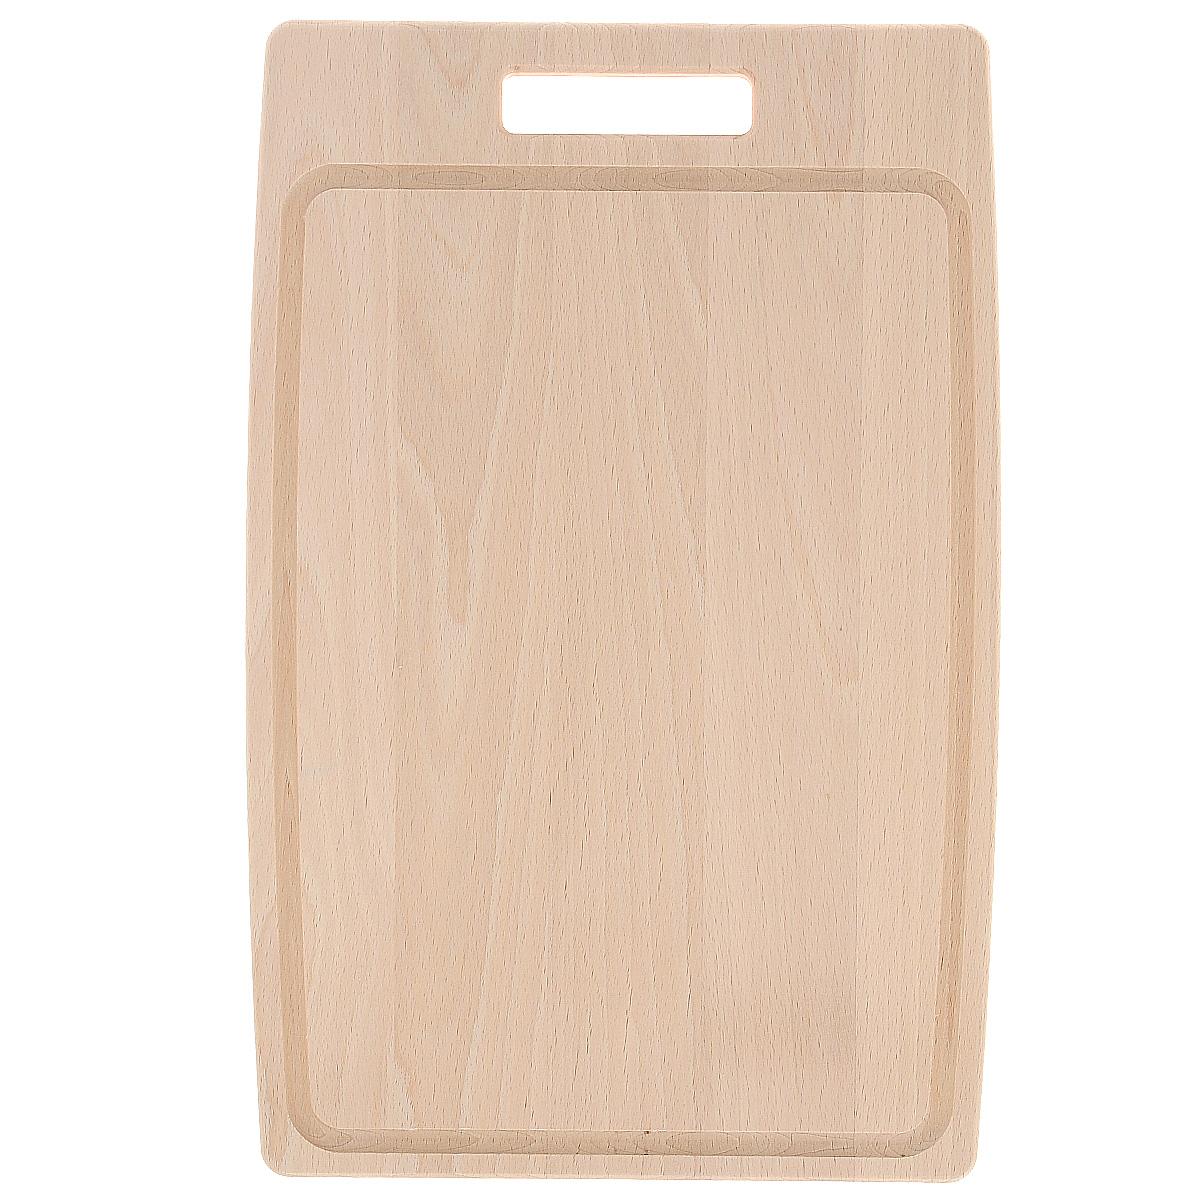 Доска разделочная Tescoma Home Profi, 36 х 24 см379514Прямоугольная разделочная доска Tescoma Home Profi изготовлена из высококачественной древесины бука. Бук - это особо прочный материал, который прослужит вам долгие годы. Доска оснащена удобной ручкой. Функциональная и простая в использовании, разделочная доска Tescoma Home Profi прекрасно впишется в интерьер любой кухни. Не мыть в посудомоечной машине.